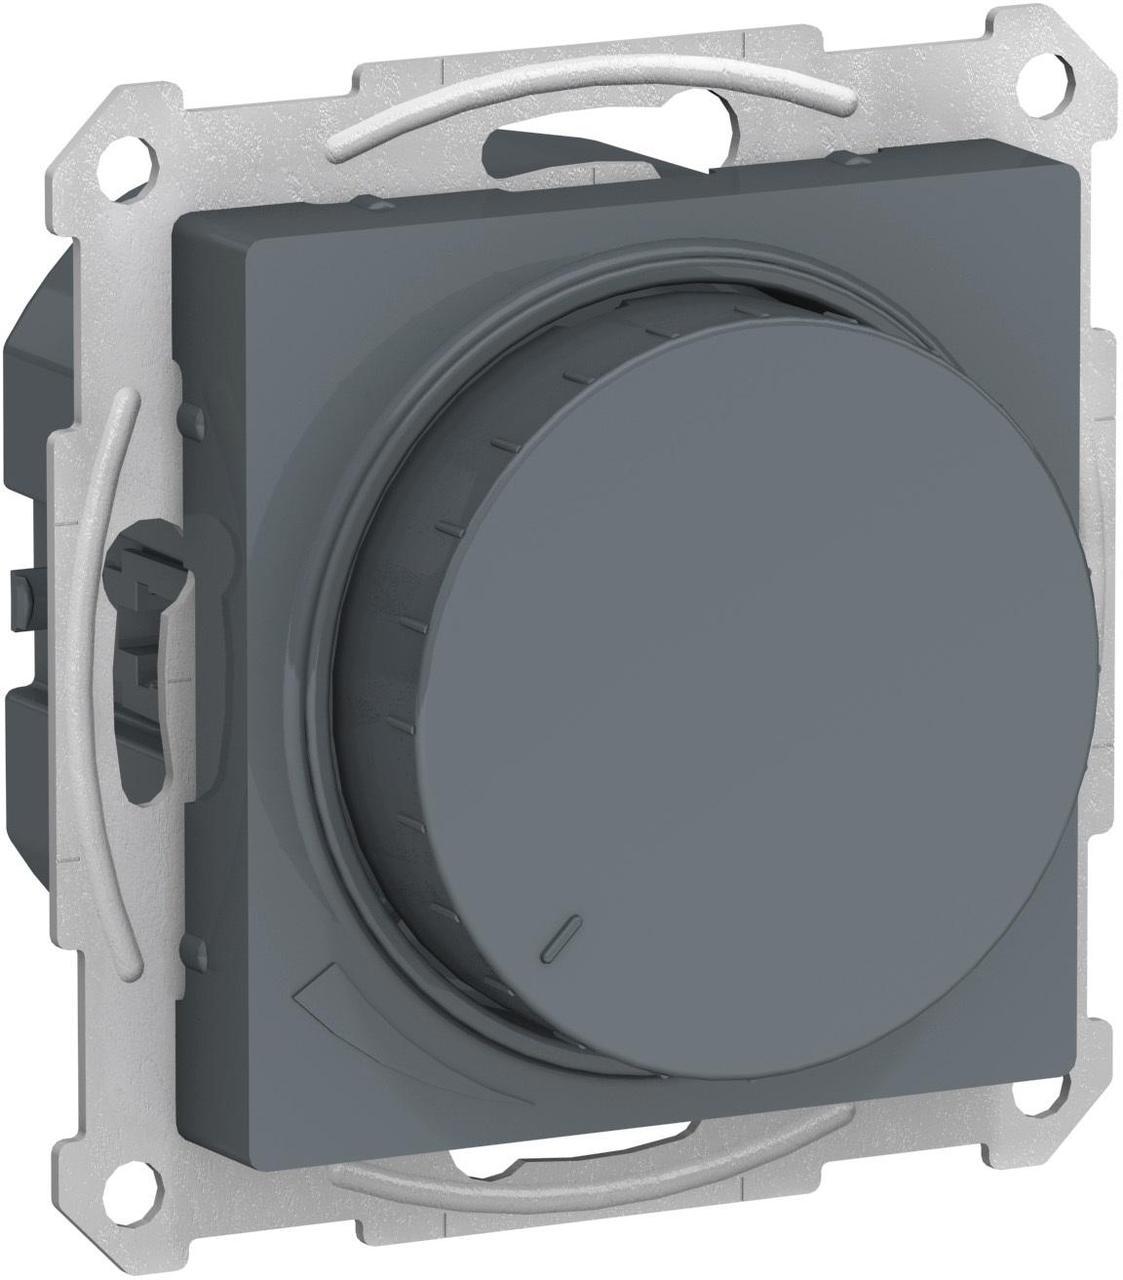 Диммер поворотно-нажимной , 600Вт для ламп накаливания , Грифель, серия Atlas Design, Schneider Electric